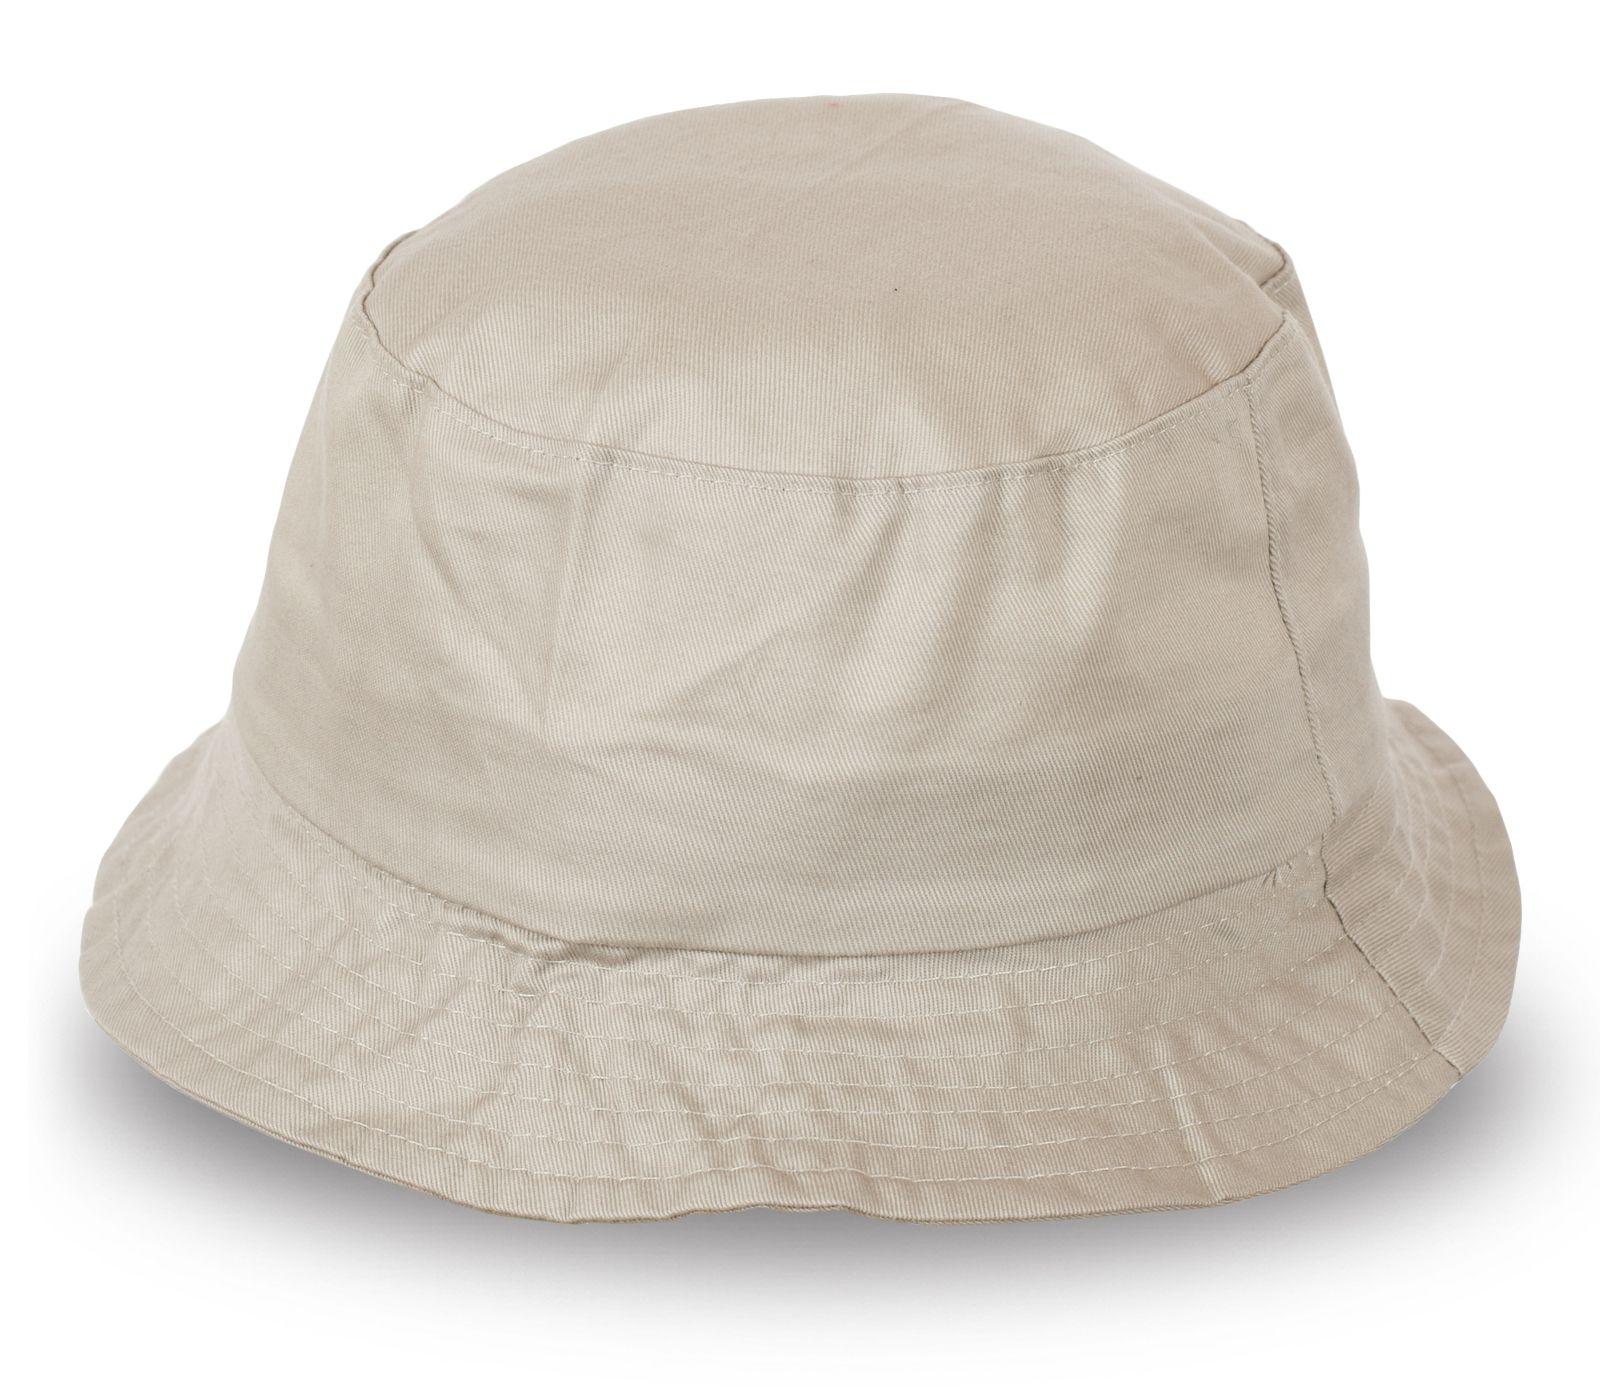 Пляжная панамка - купить недорого с доставкой